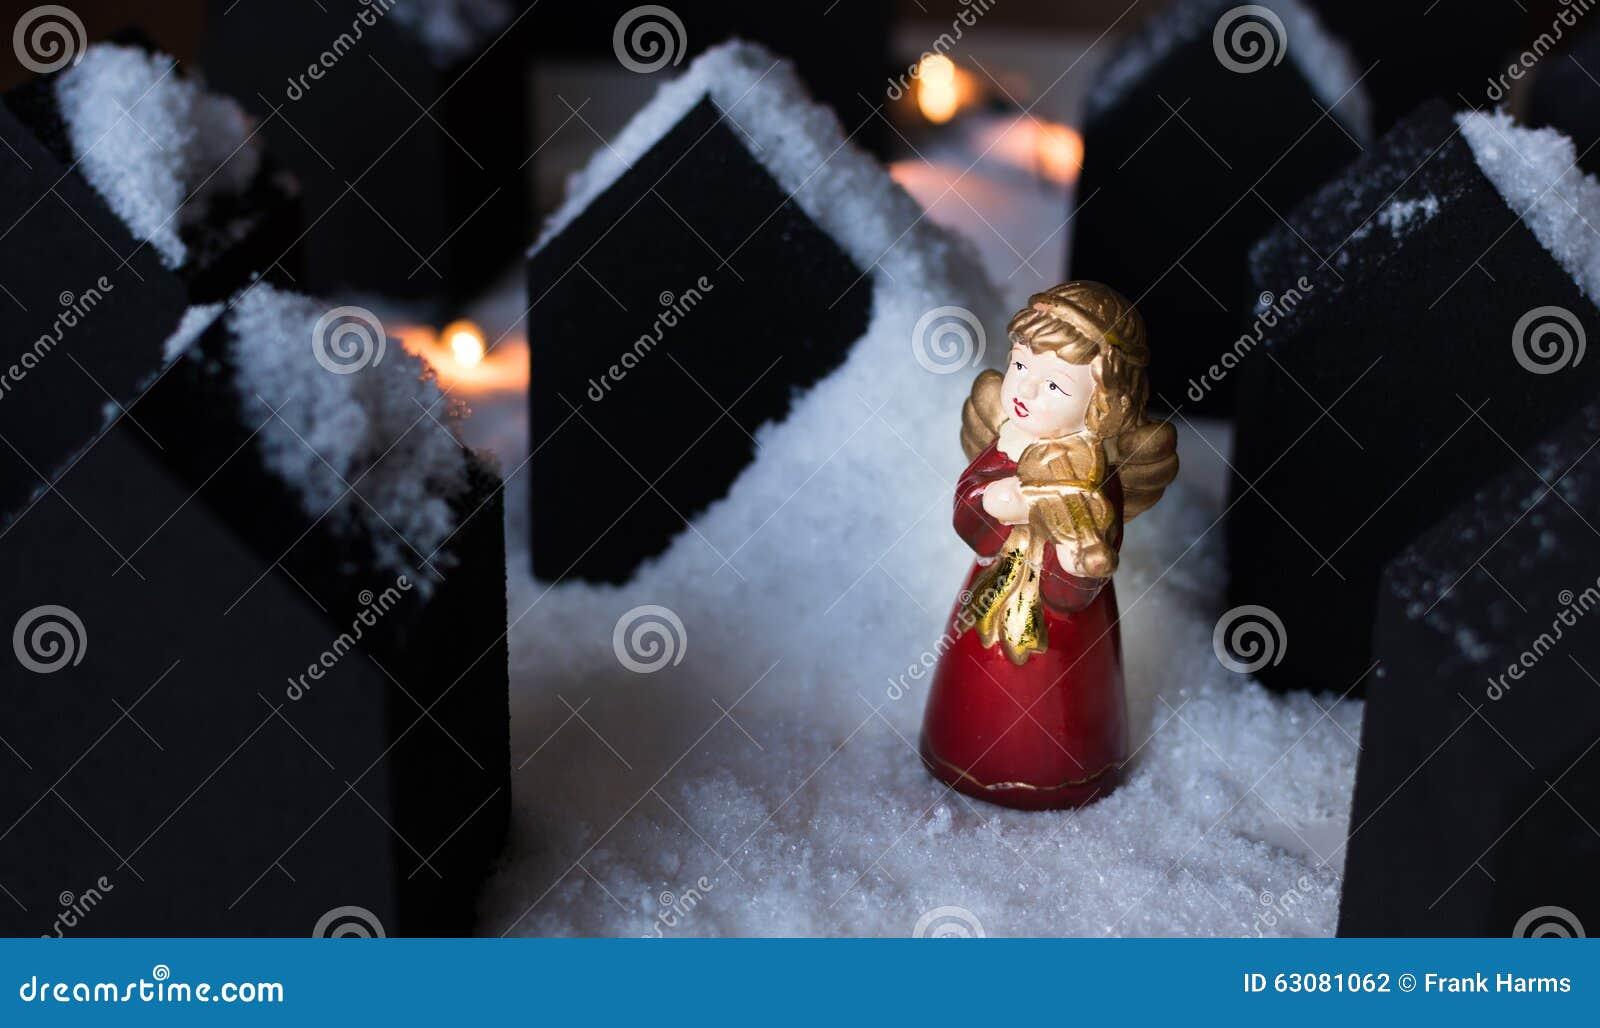 Download Ange dans la neige photo stock. Image du magie, religion - 63081062